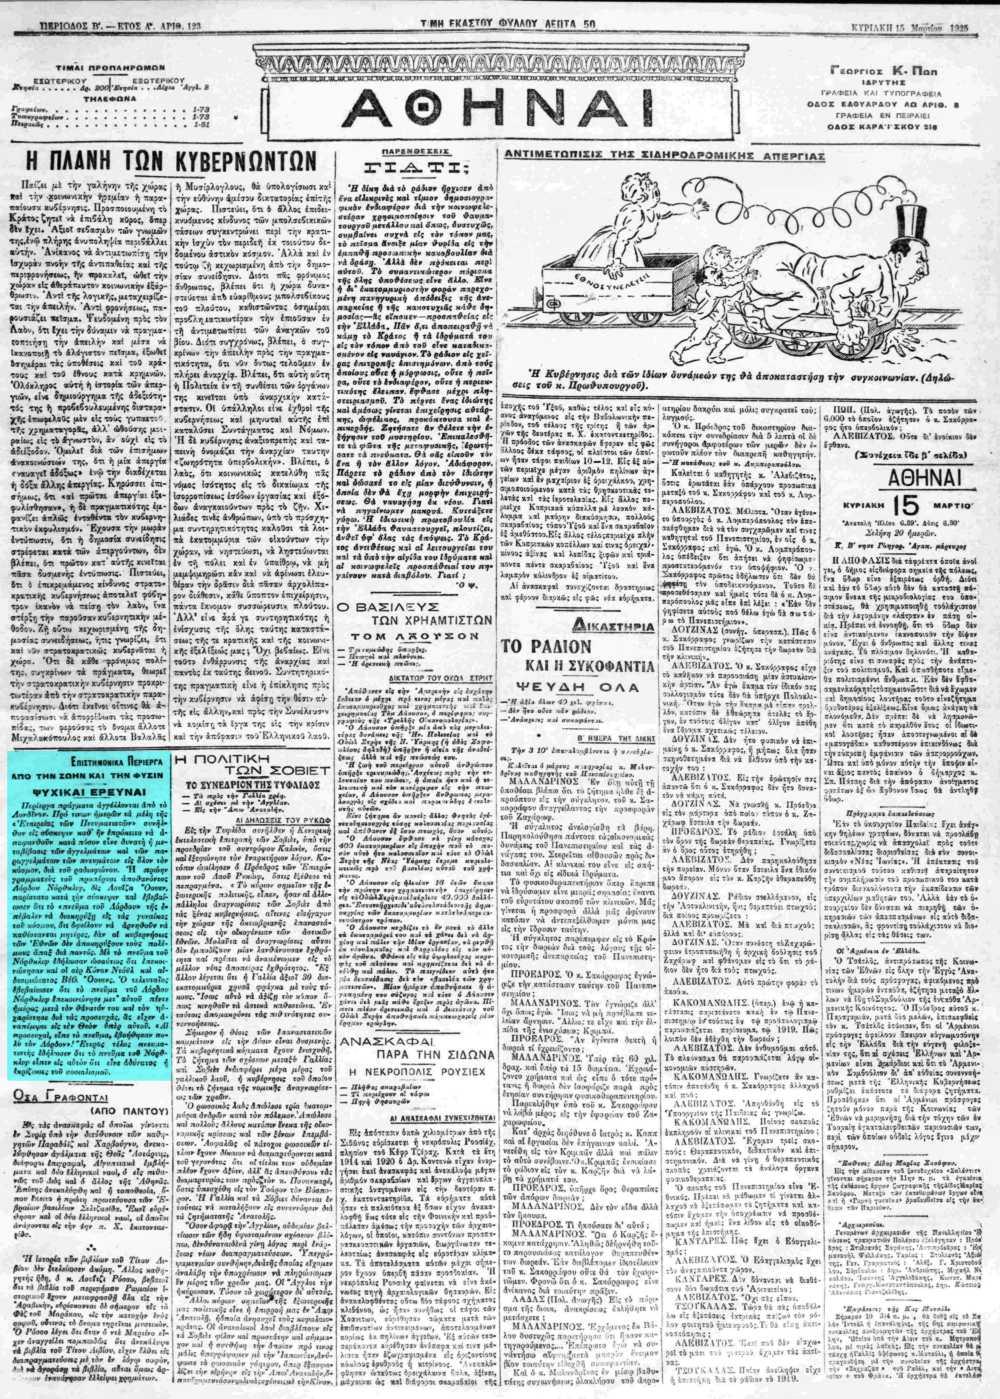 """Το άρθρο, όπως δημοσιεύθηκε στην εφημερίδα """"ΑΘΗΝΑΙ"""", στις 15/03/1925"""